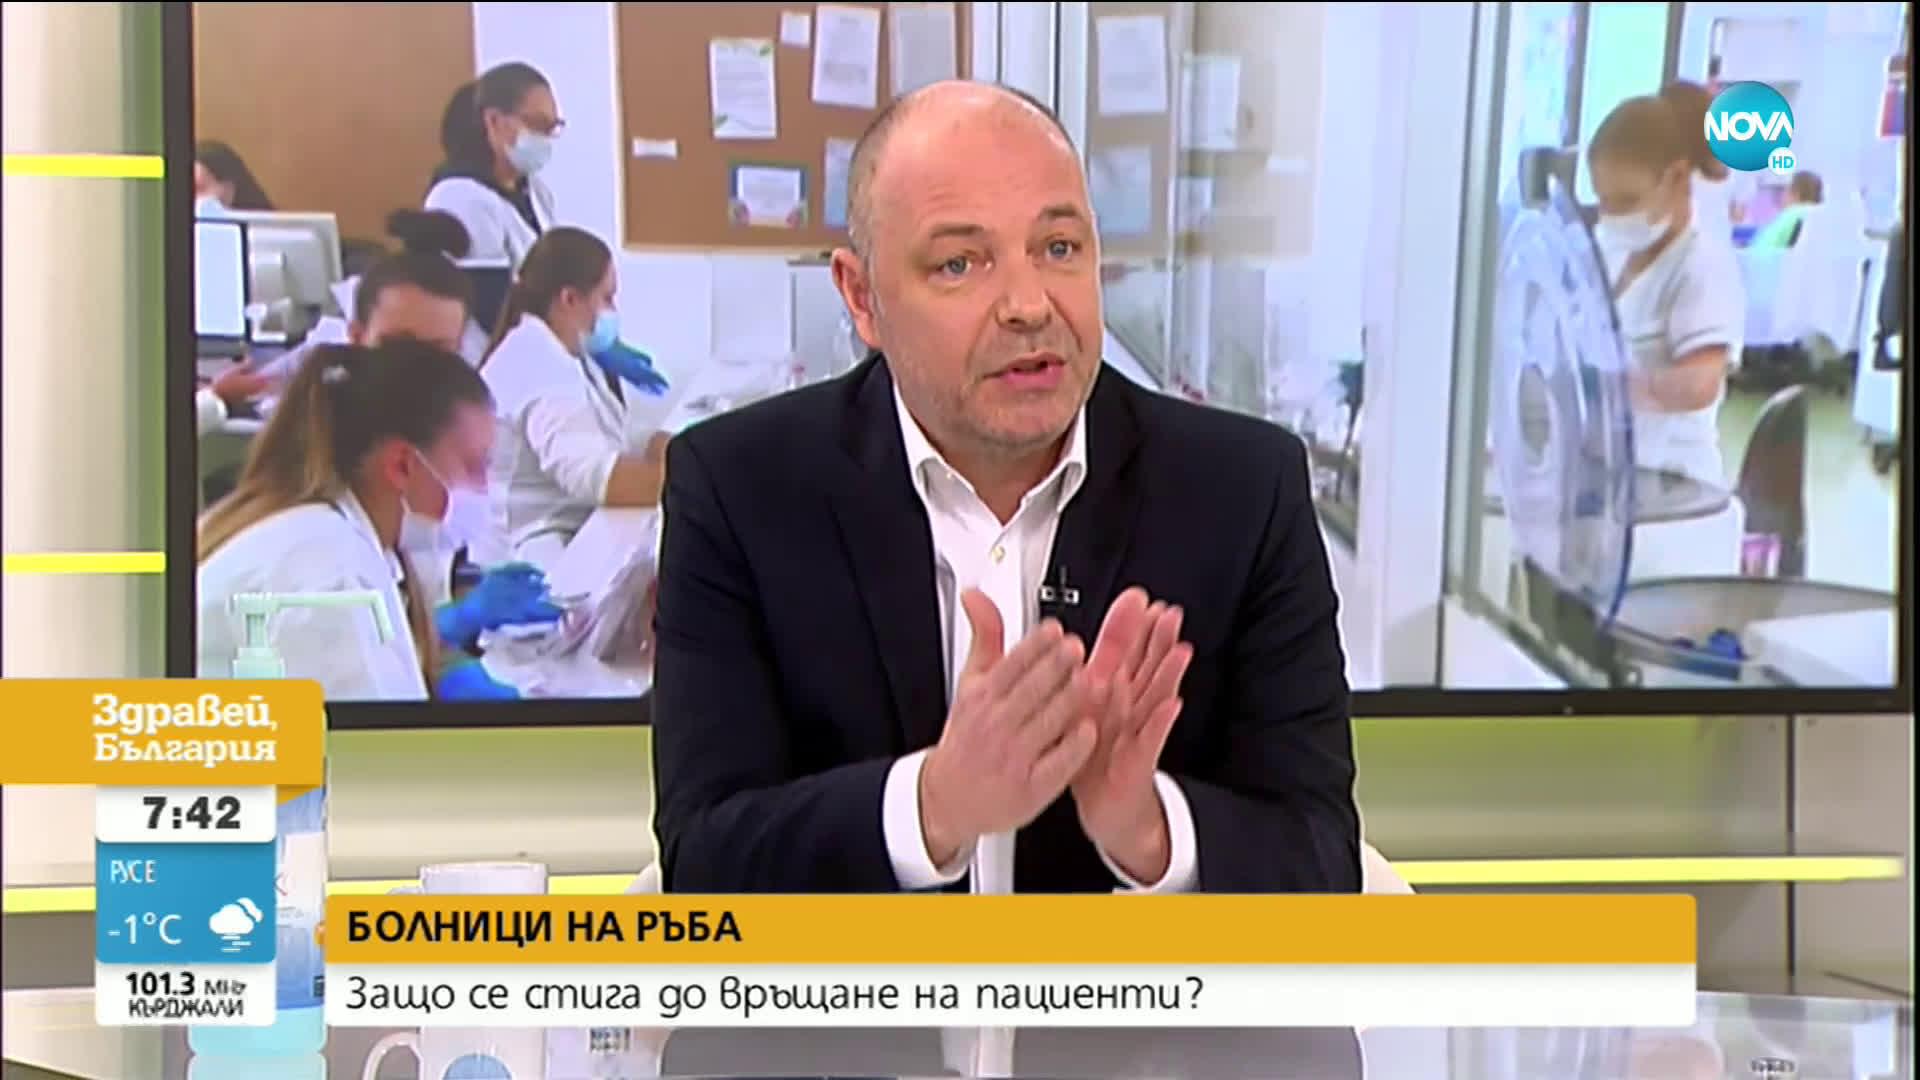 Проф. Габровски: Въвеждането на по-строги мерки е абсолютно задължително